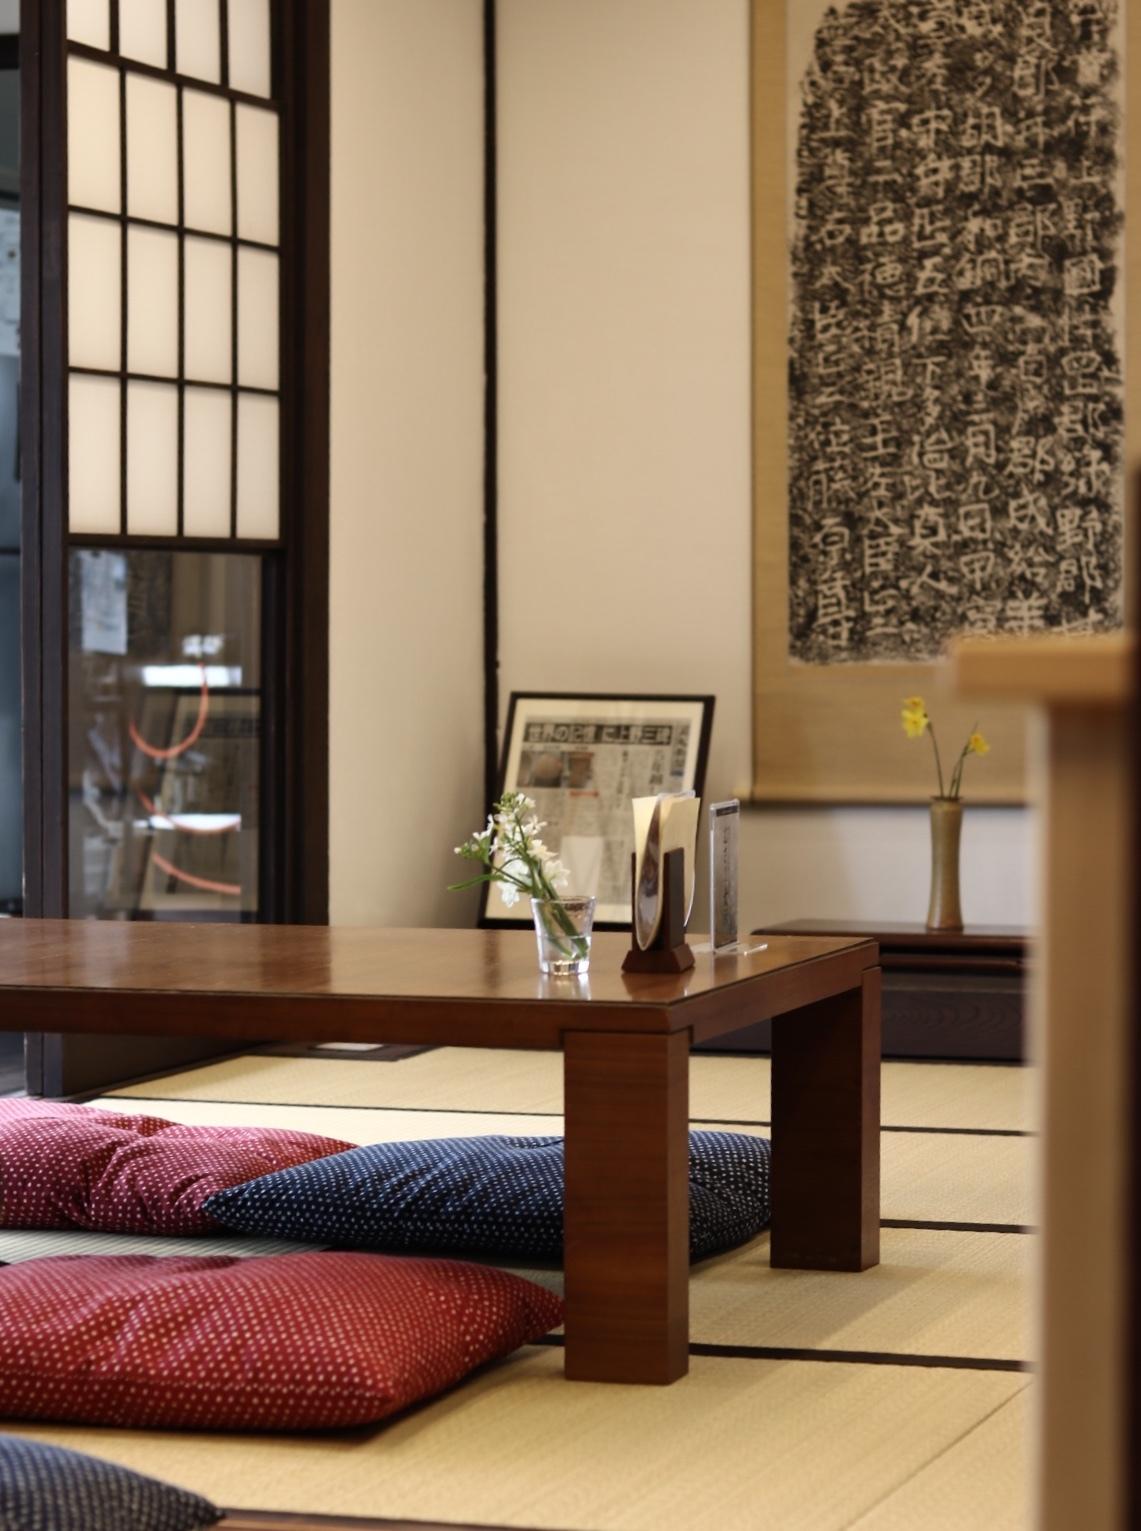 熊谷市ののうカフェさんでランチ_c0366722_13351579.jpeg